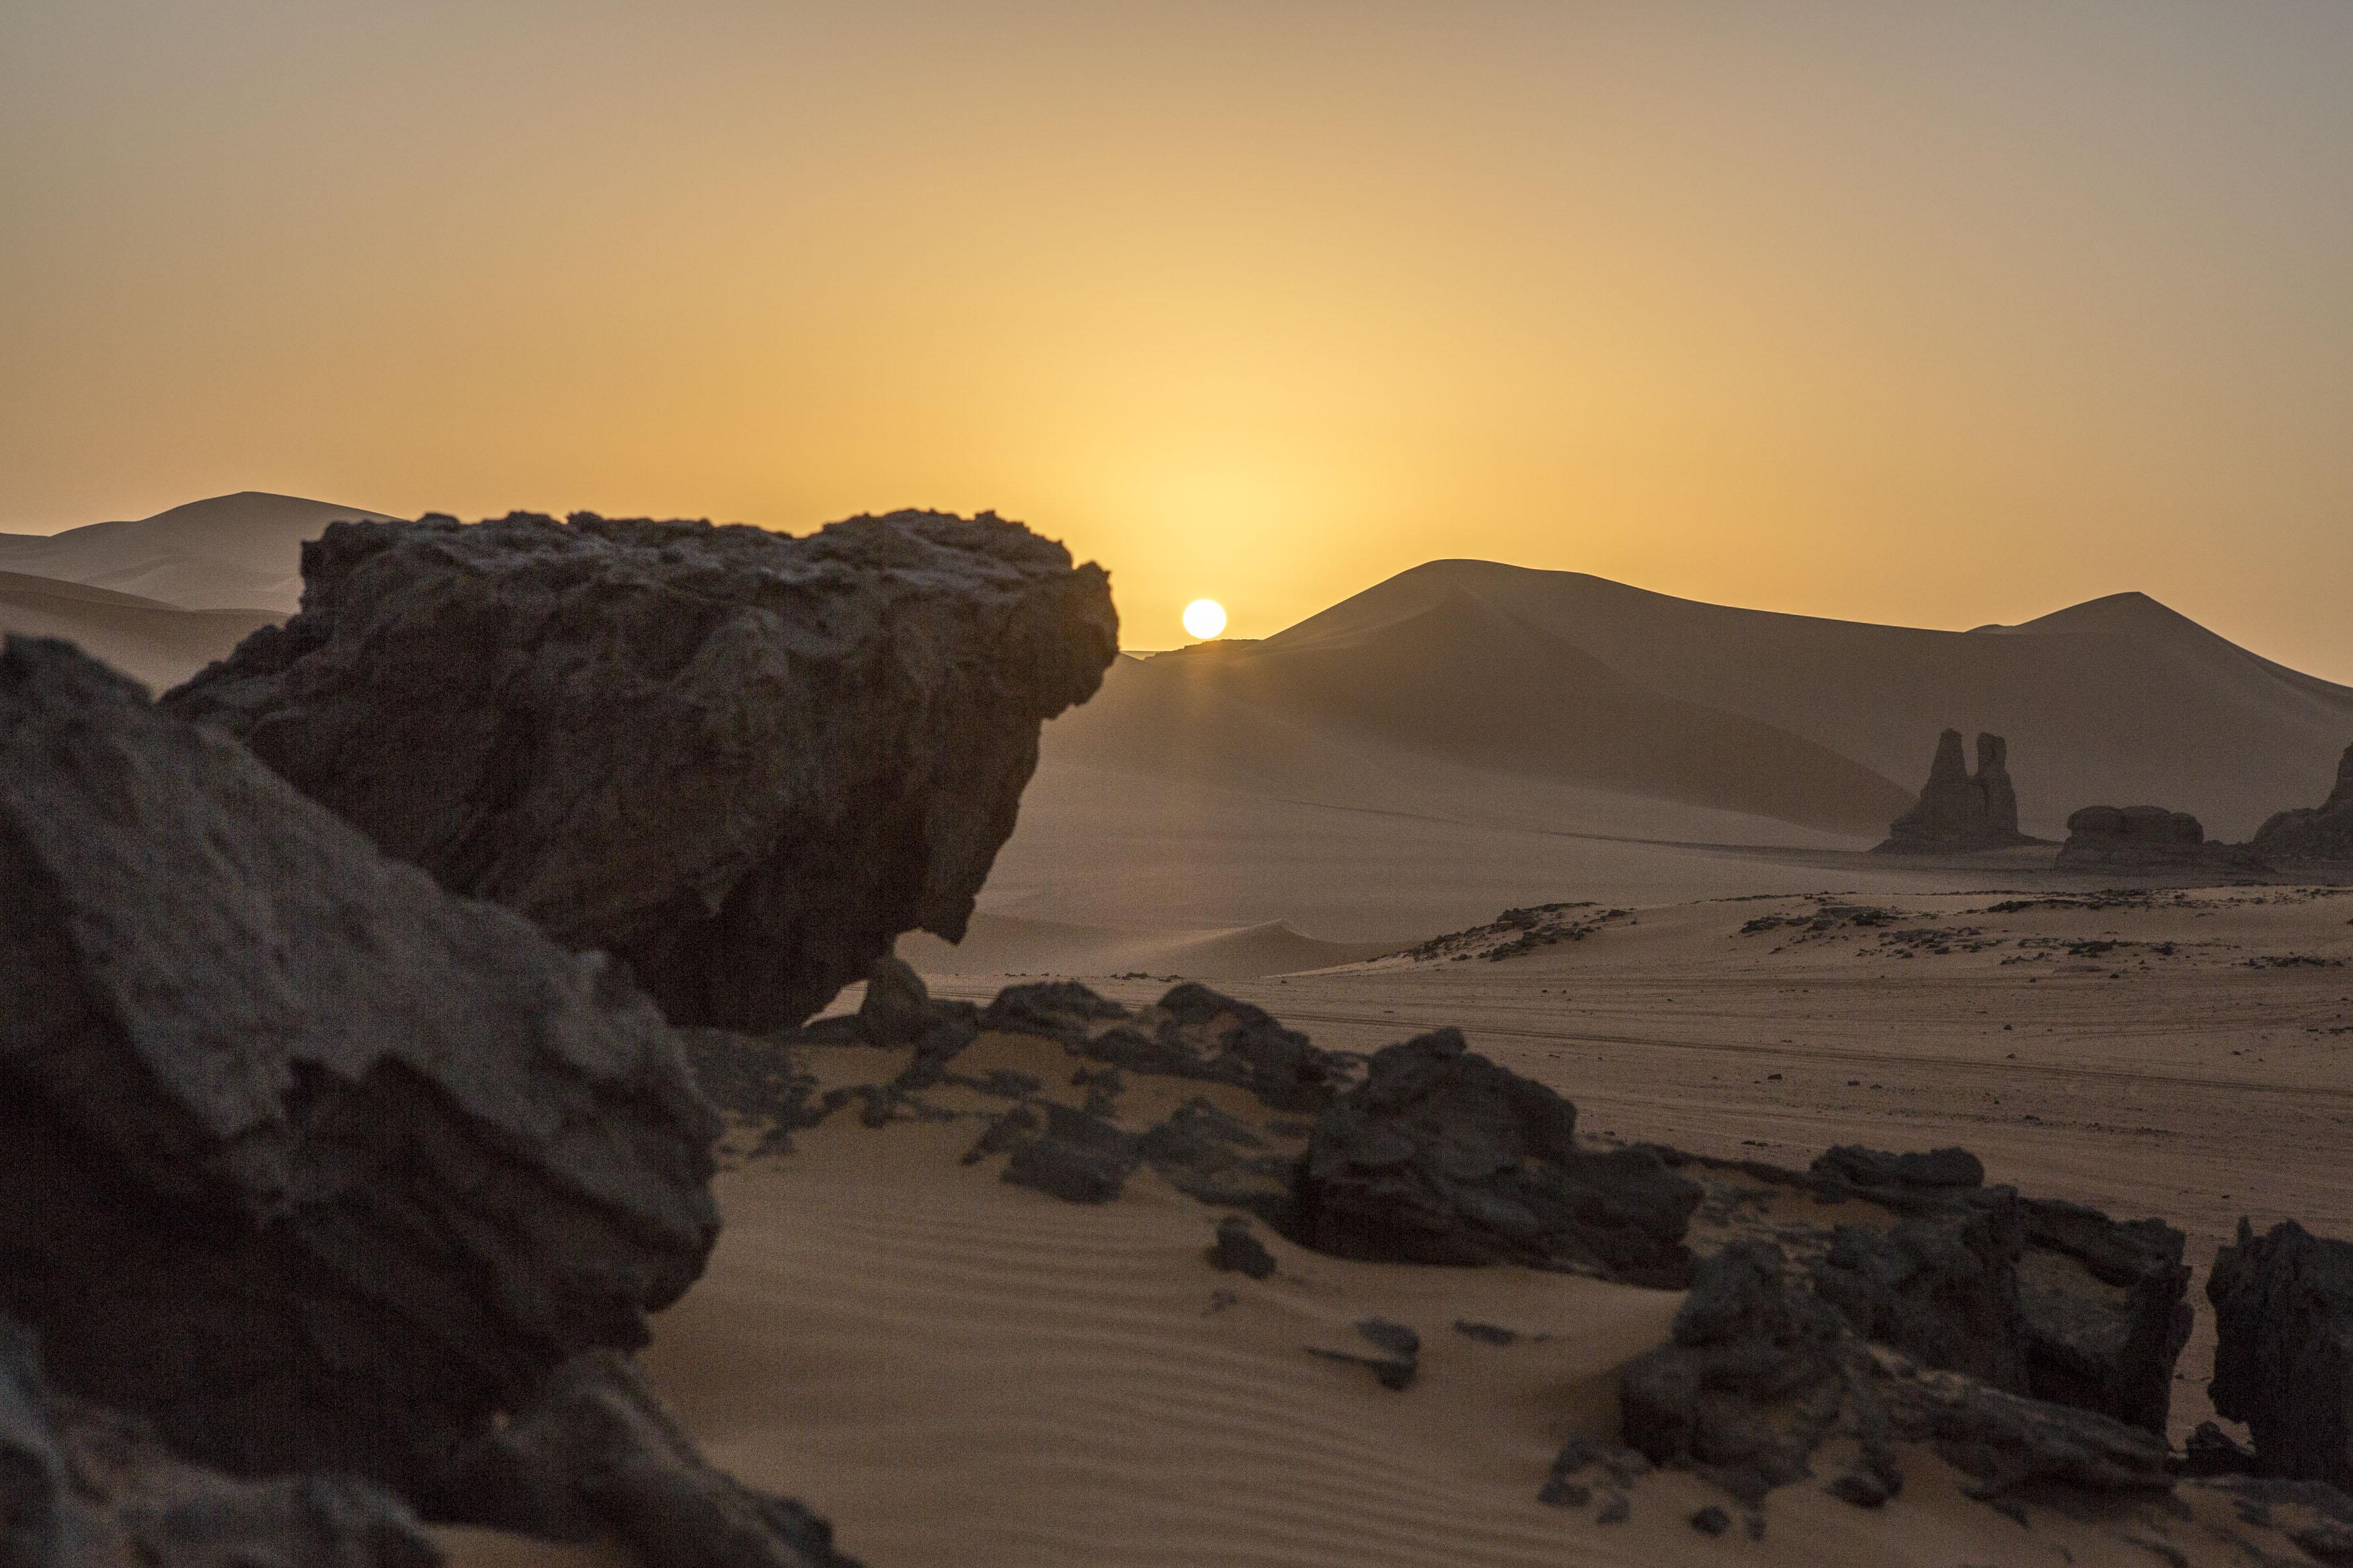 Sunrise in the Tadrart. The Tadrart (200 km southeast of Djanet) is located in the south of the Tassili N'Ajjer National Park and is part of one of the most beautiful deserts in the world but above all in the central Sahara.From huge canyons to cliffs carved with rocky peaks of various shapes mix with dunes of colored sand with yellow and red reflections. La Tadrart, Algeria-February 9, 2017.Lever de soleil dans la Tadrart. La Tadrart (200 km au sud-est de Djanet) se situe dans le sud du Parc National du Tassili N'Ajjer et il fait partie d'un des plus beau désert au monde mais avant tout du Sahara central. D'immenses canyons aux falaises sculptées avec de pitons rocheux aux formes les plus diverses  se mélangent avec des dunes de sable coloré aux reflets jaune et rouge. La Tadrart, Algérie-9 février 2017.